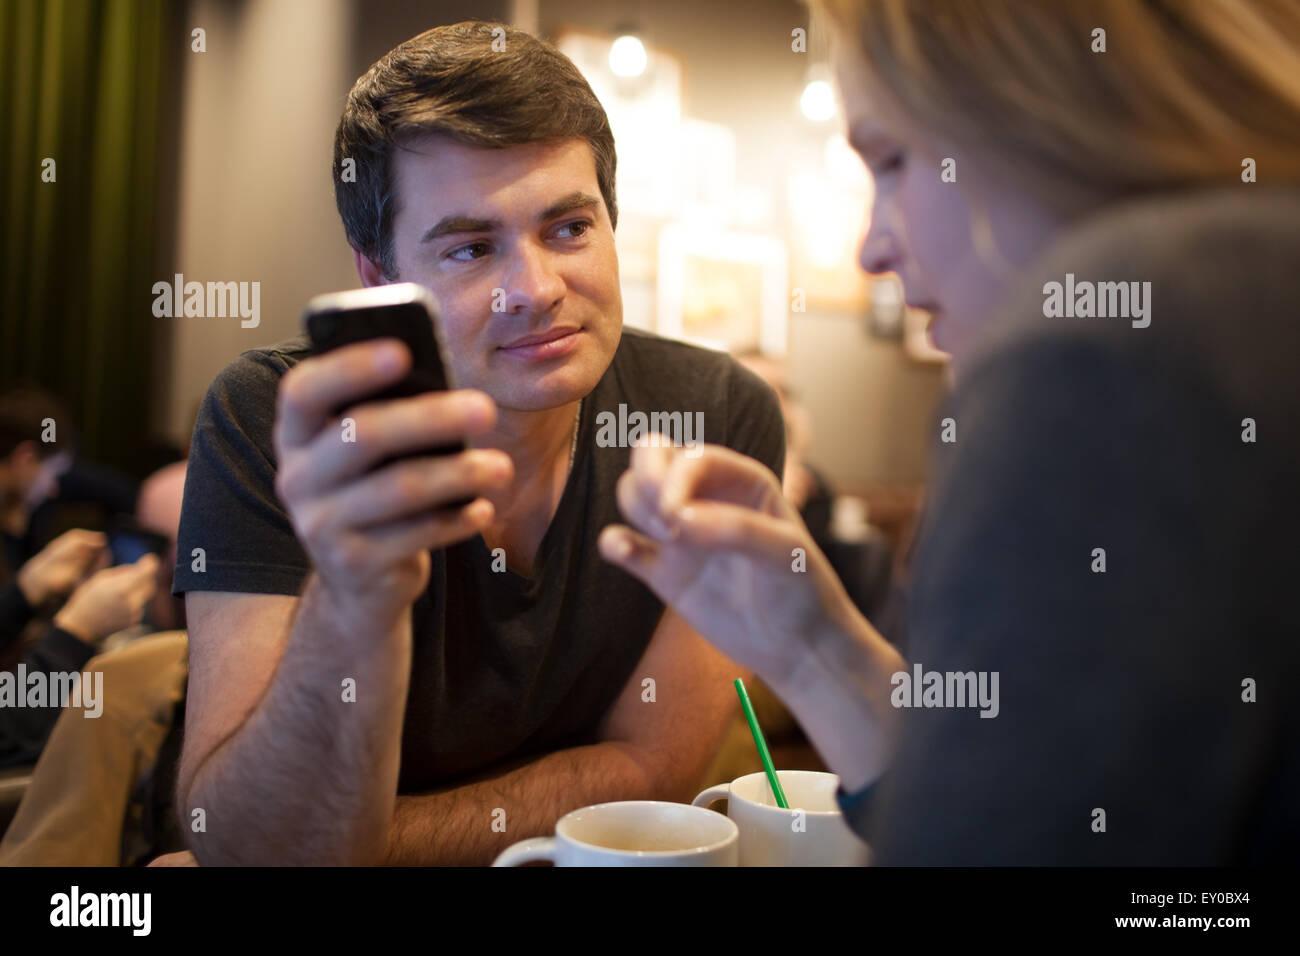 Mann mit Handy bei Treffen mit Mädchen im café Stockbild